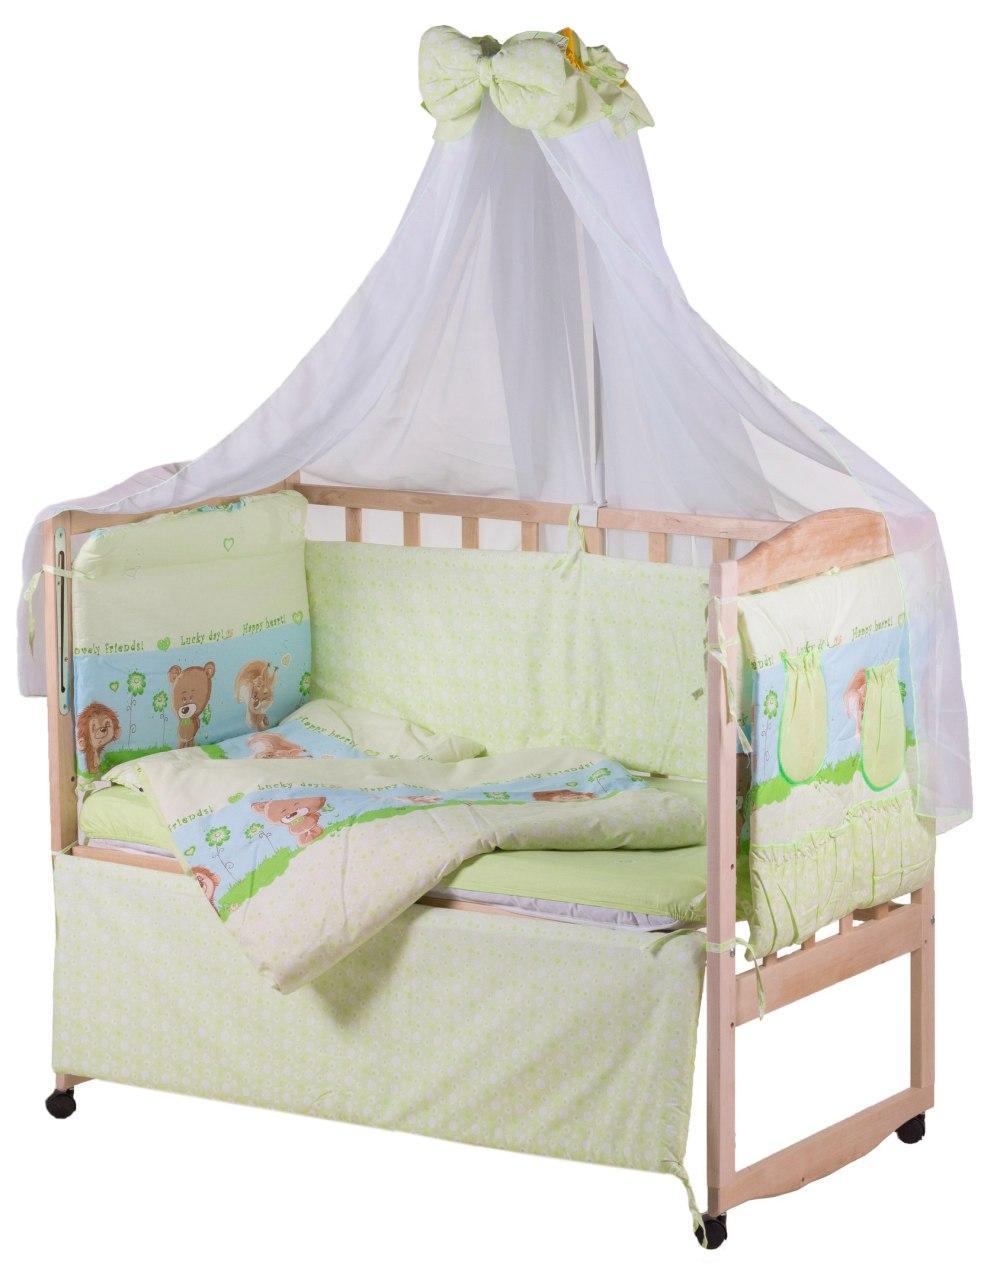 Детская постель Qvatro Lux  RL-08  салатовая (ежик с мишкой,белкой)